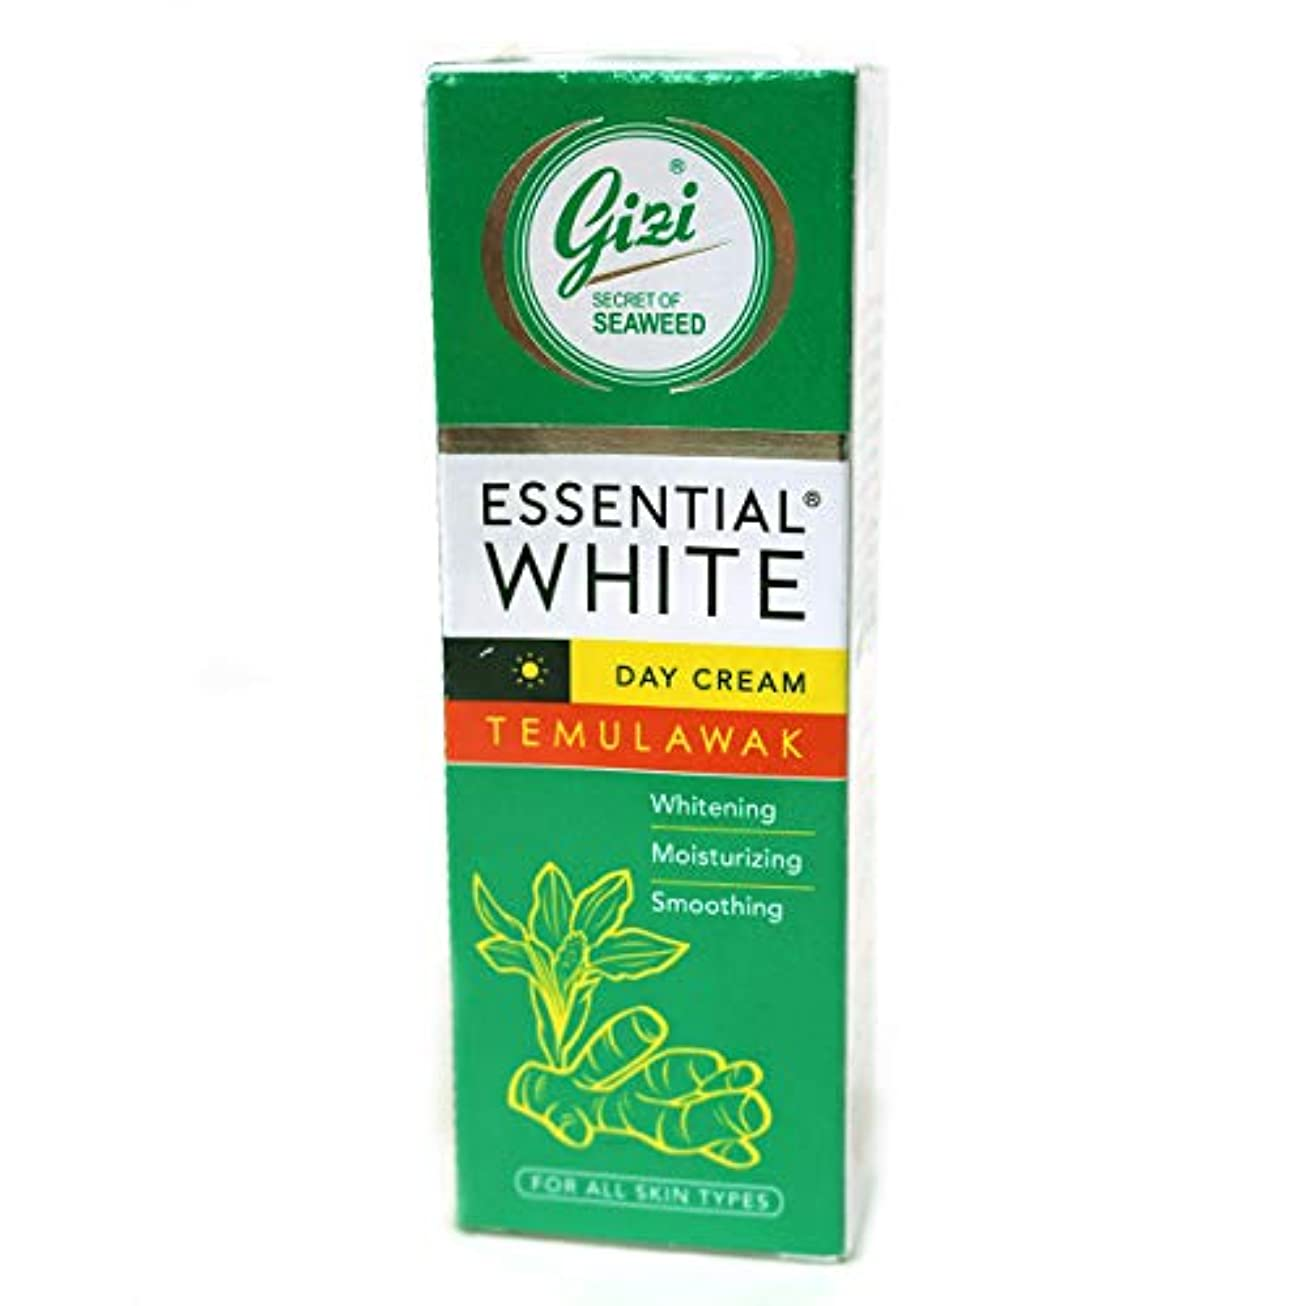 創傷革命抜粋ギジ gizi Essential White 日中用スキンケアクリーム チューブタイプ 18g テムラワク ウコン など天然成分配合 [海外直送品]